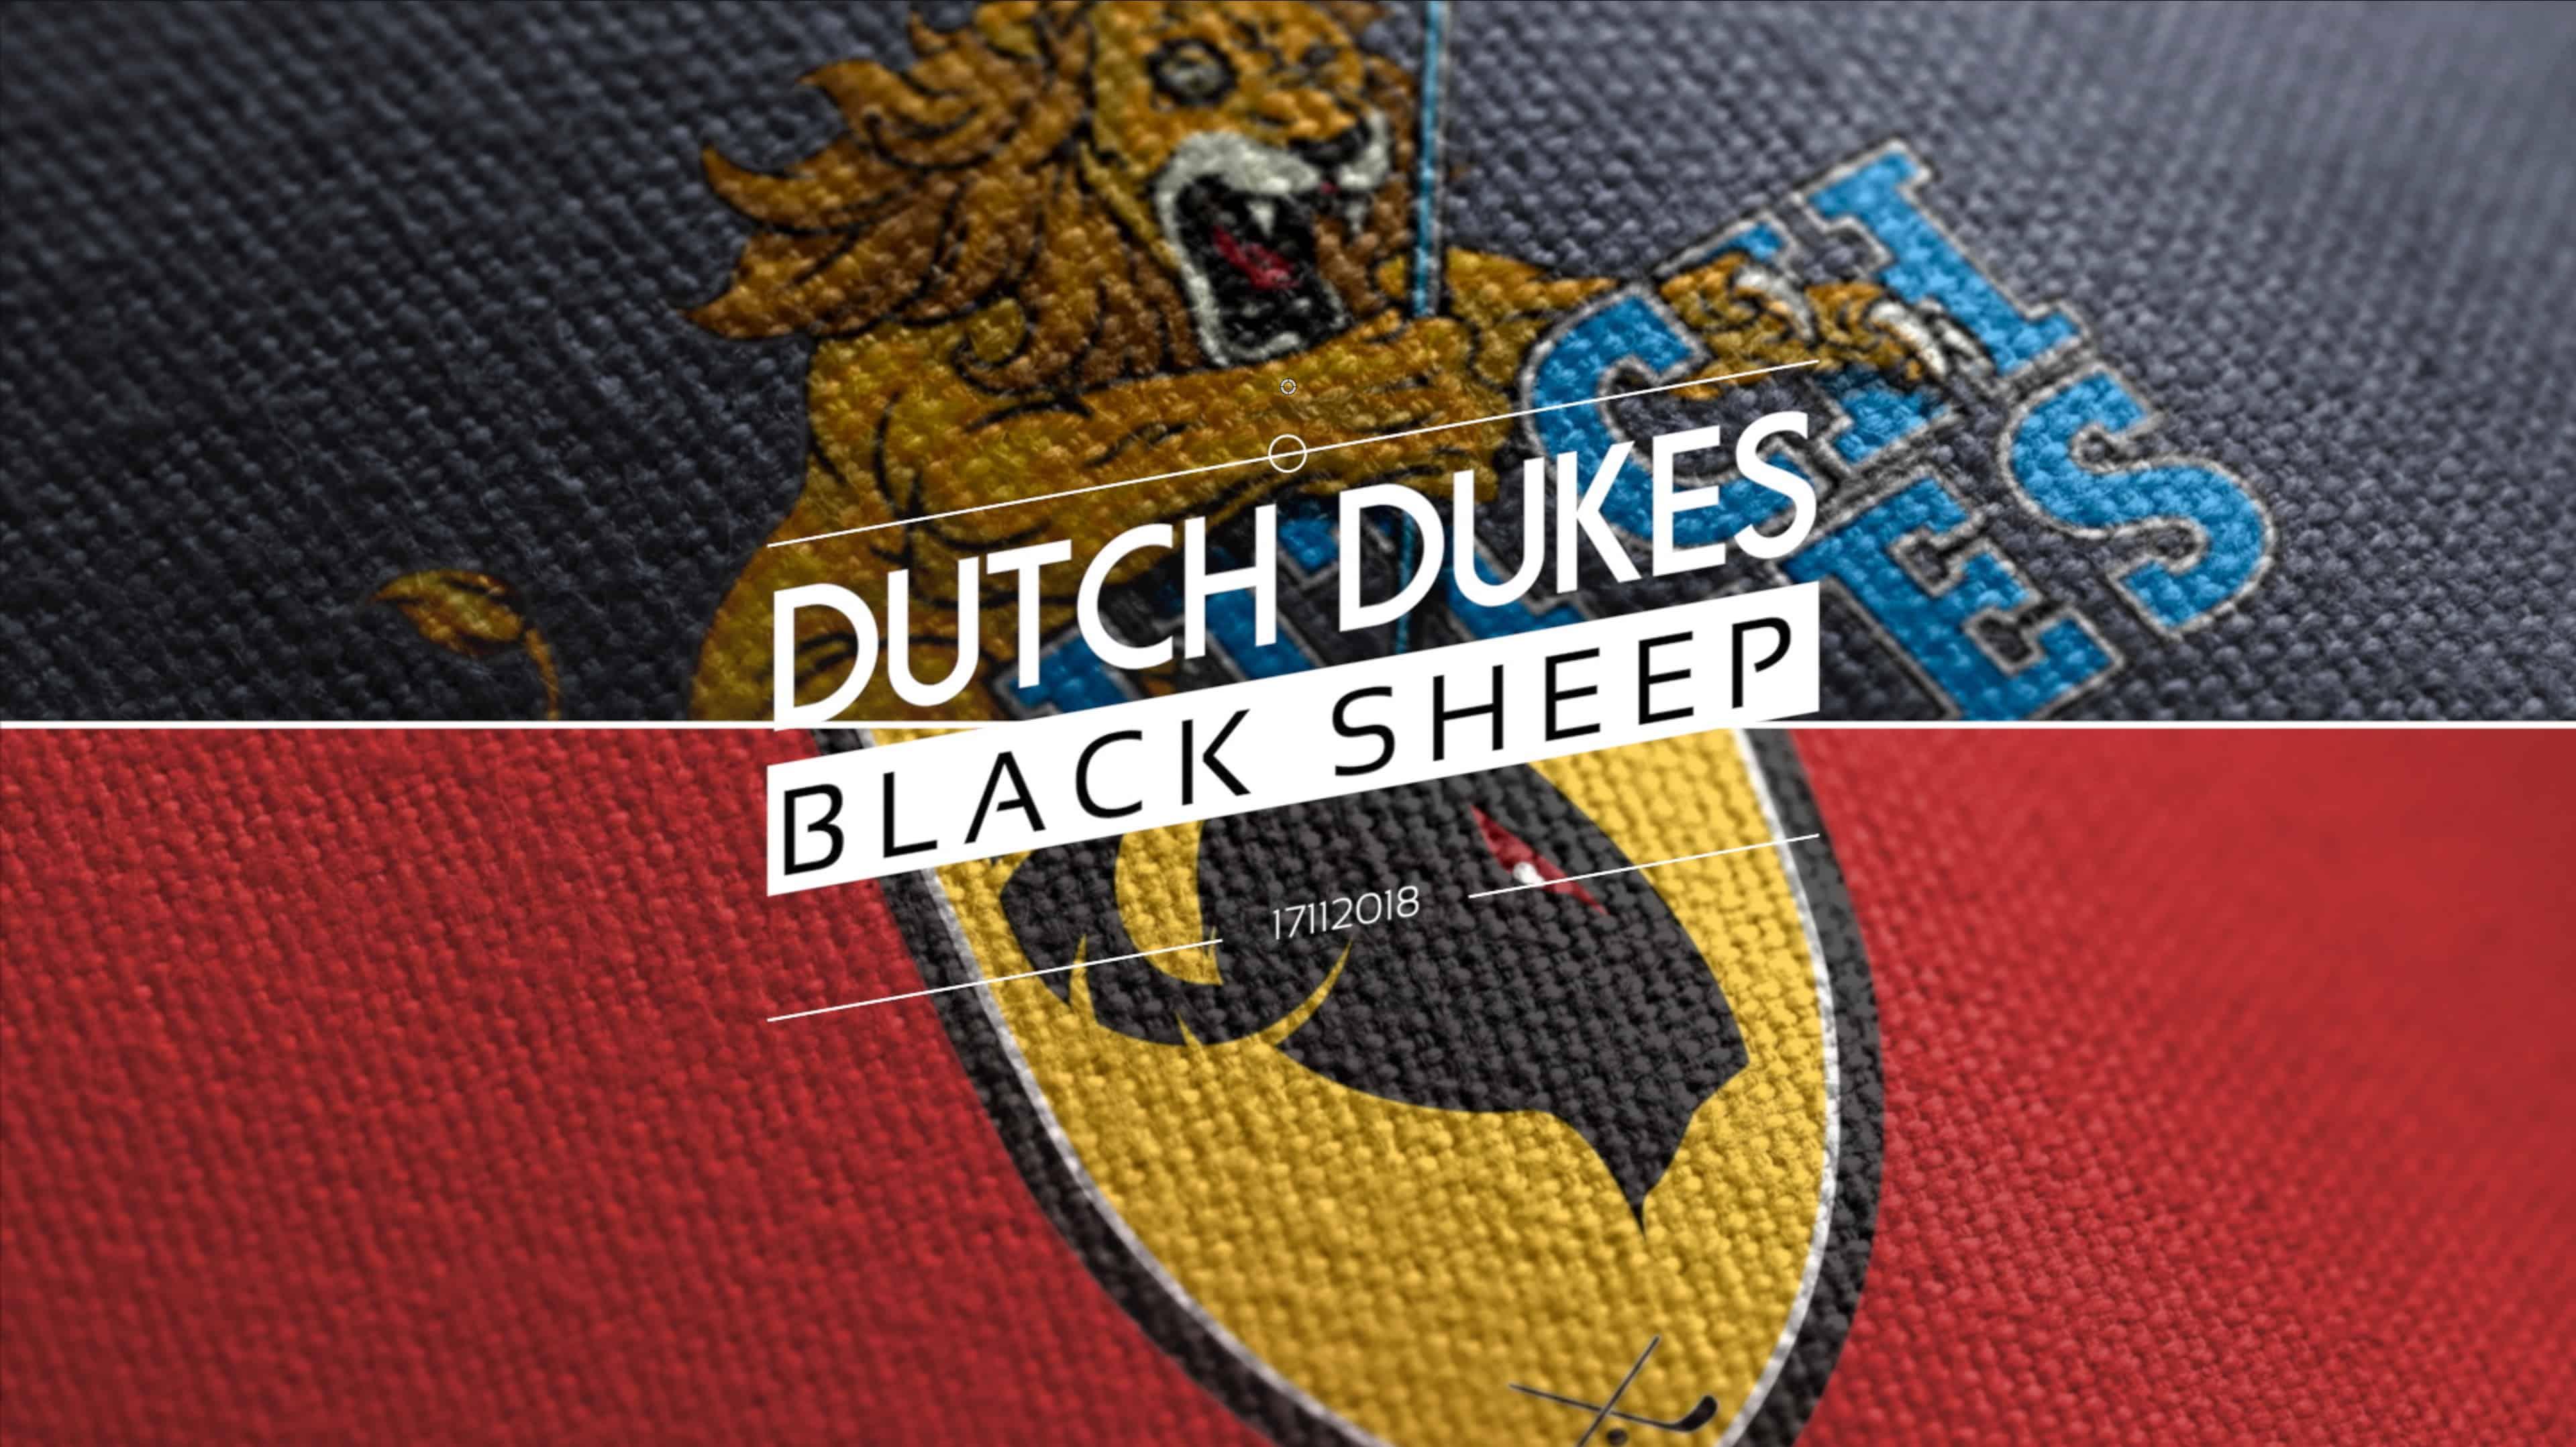 Dutch Dukes versus Black Sheep 17112018